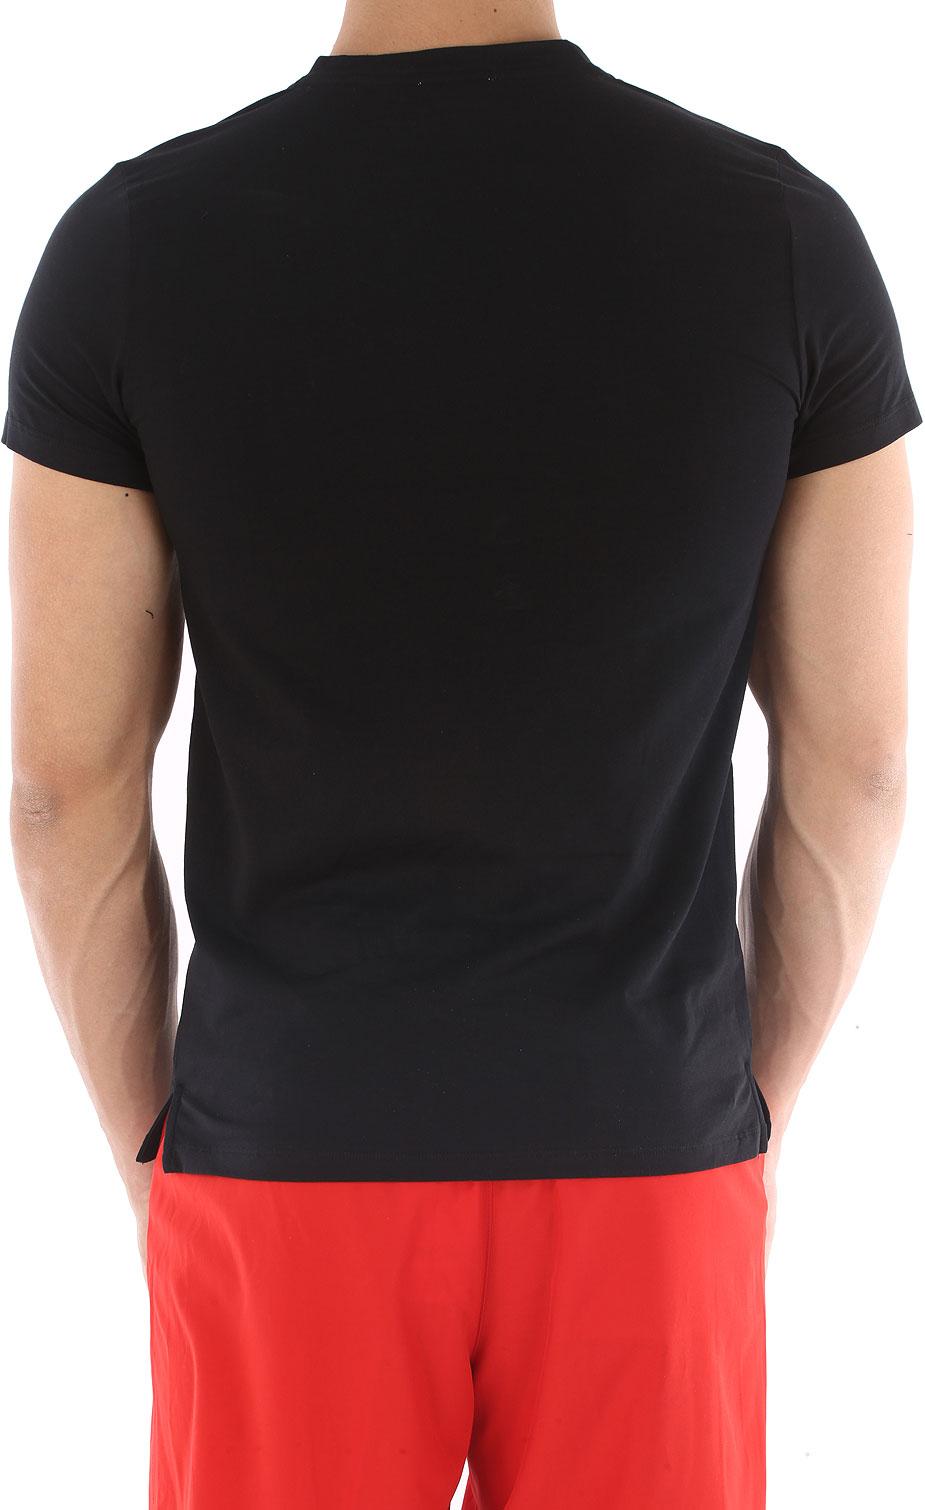 Moda Mare Uomo Calvin Klein, Codice Articolo: km0km00006-001-